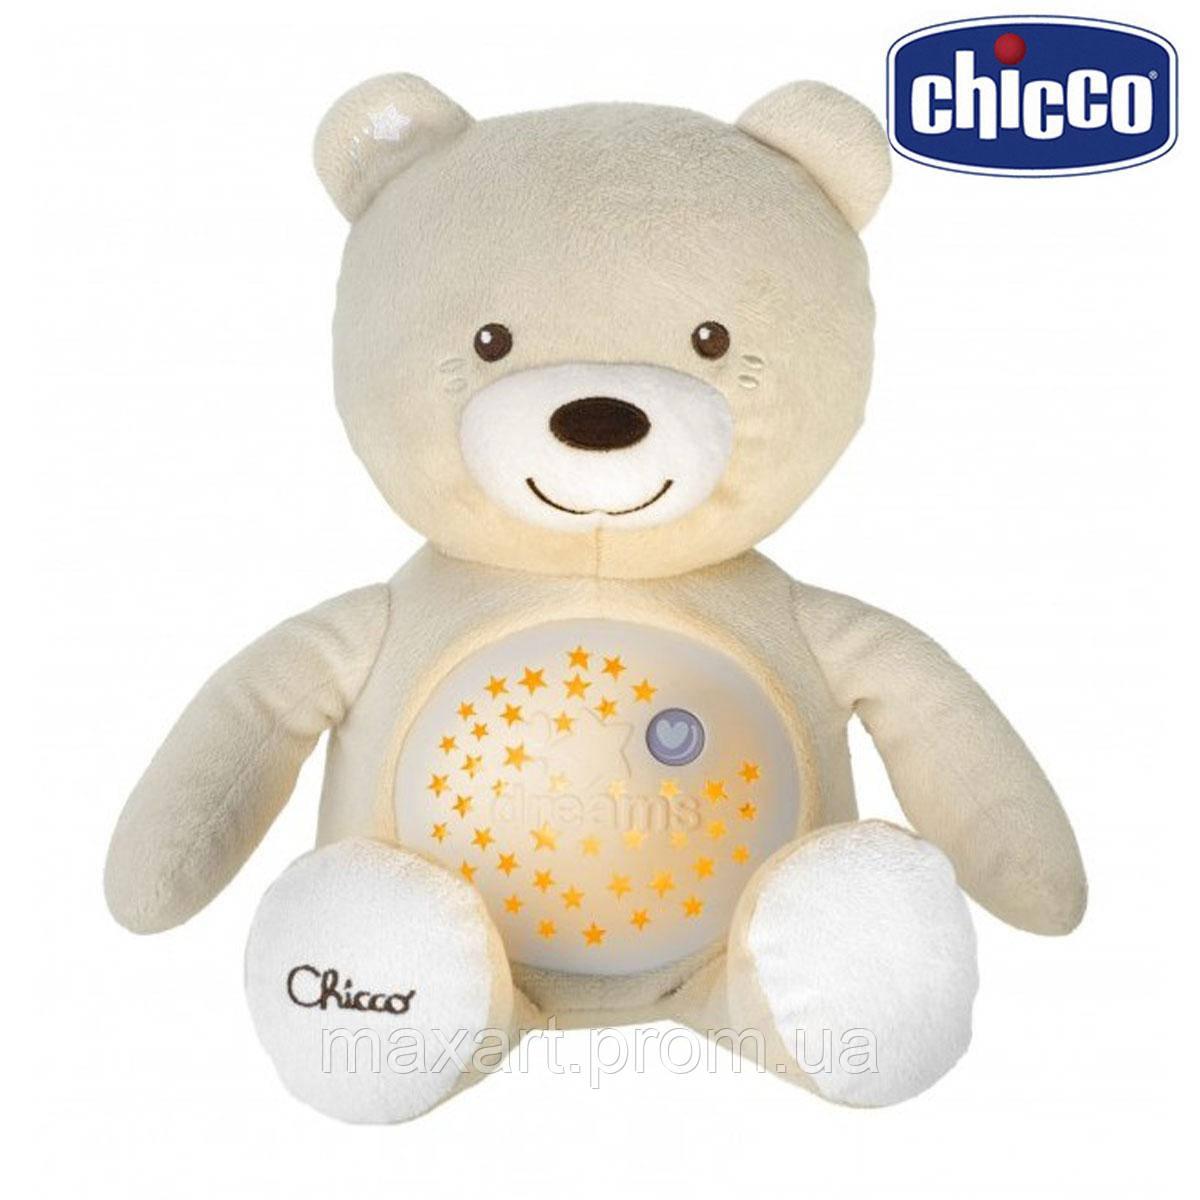 Игрушка музыкальная Chicco - Медвежонок (08015.00) бежевый